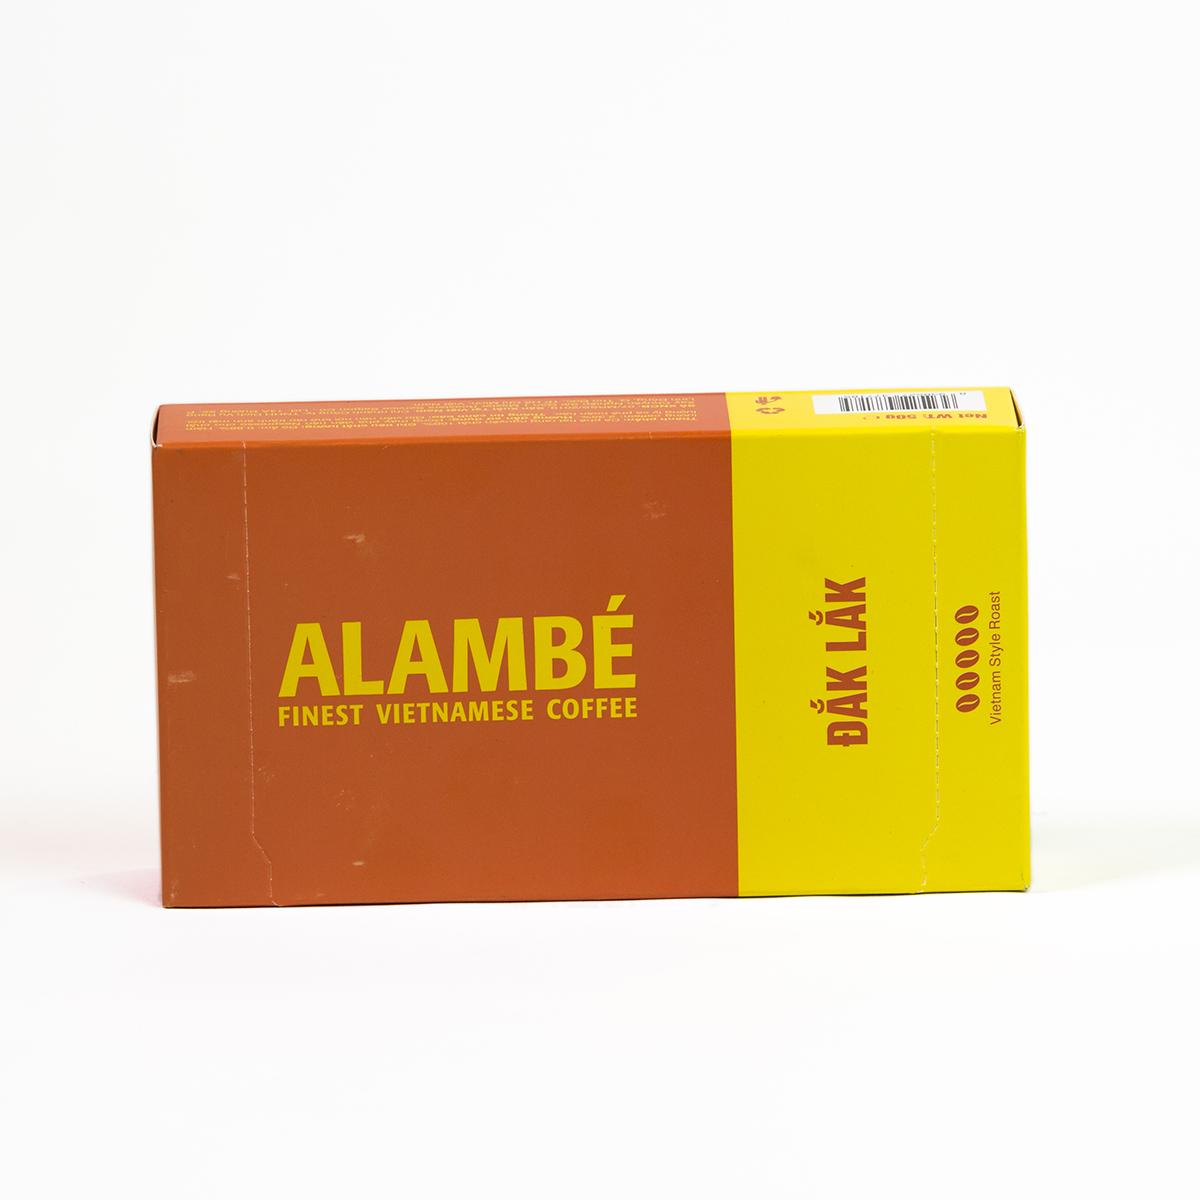 Viên nén cà phê Đắk Lắk ALAMBÉ 55g